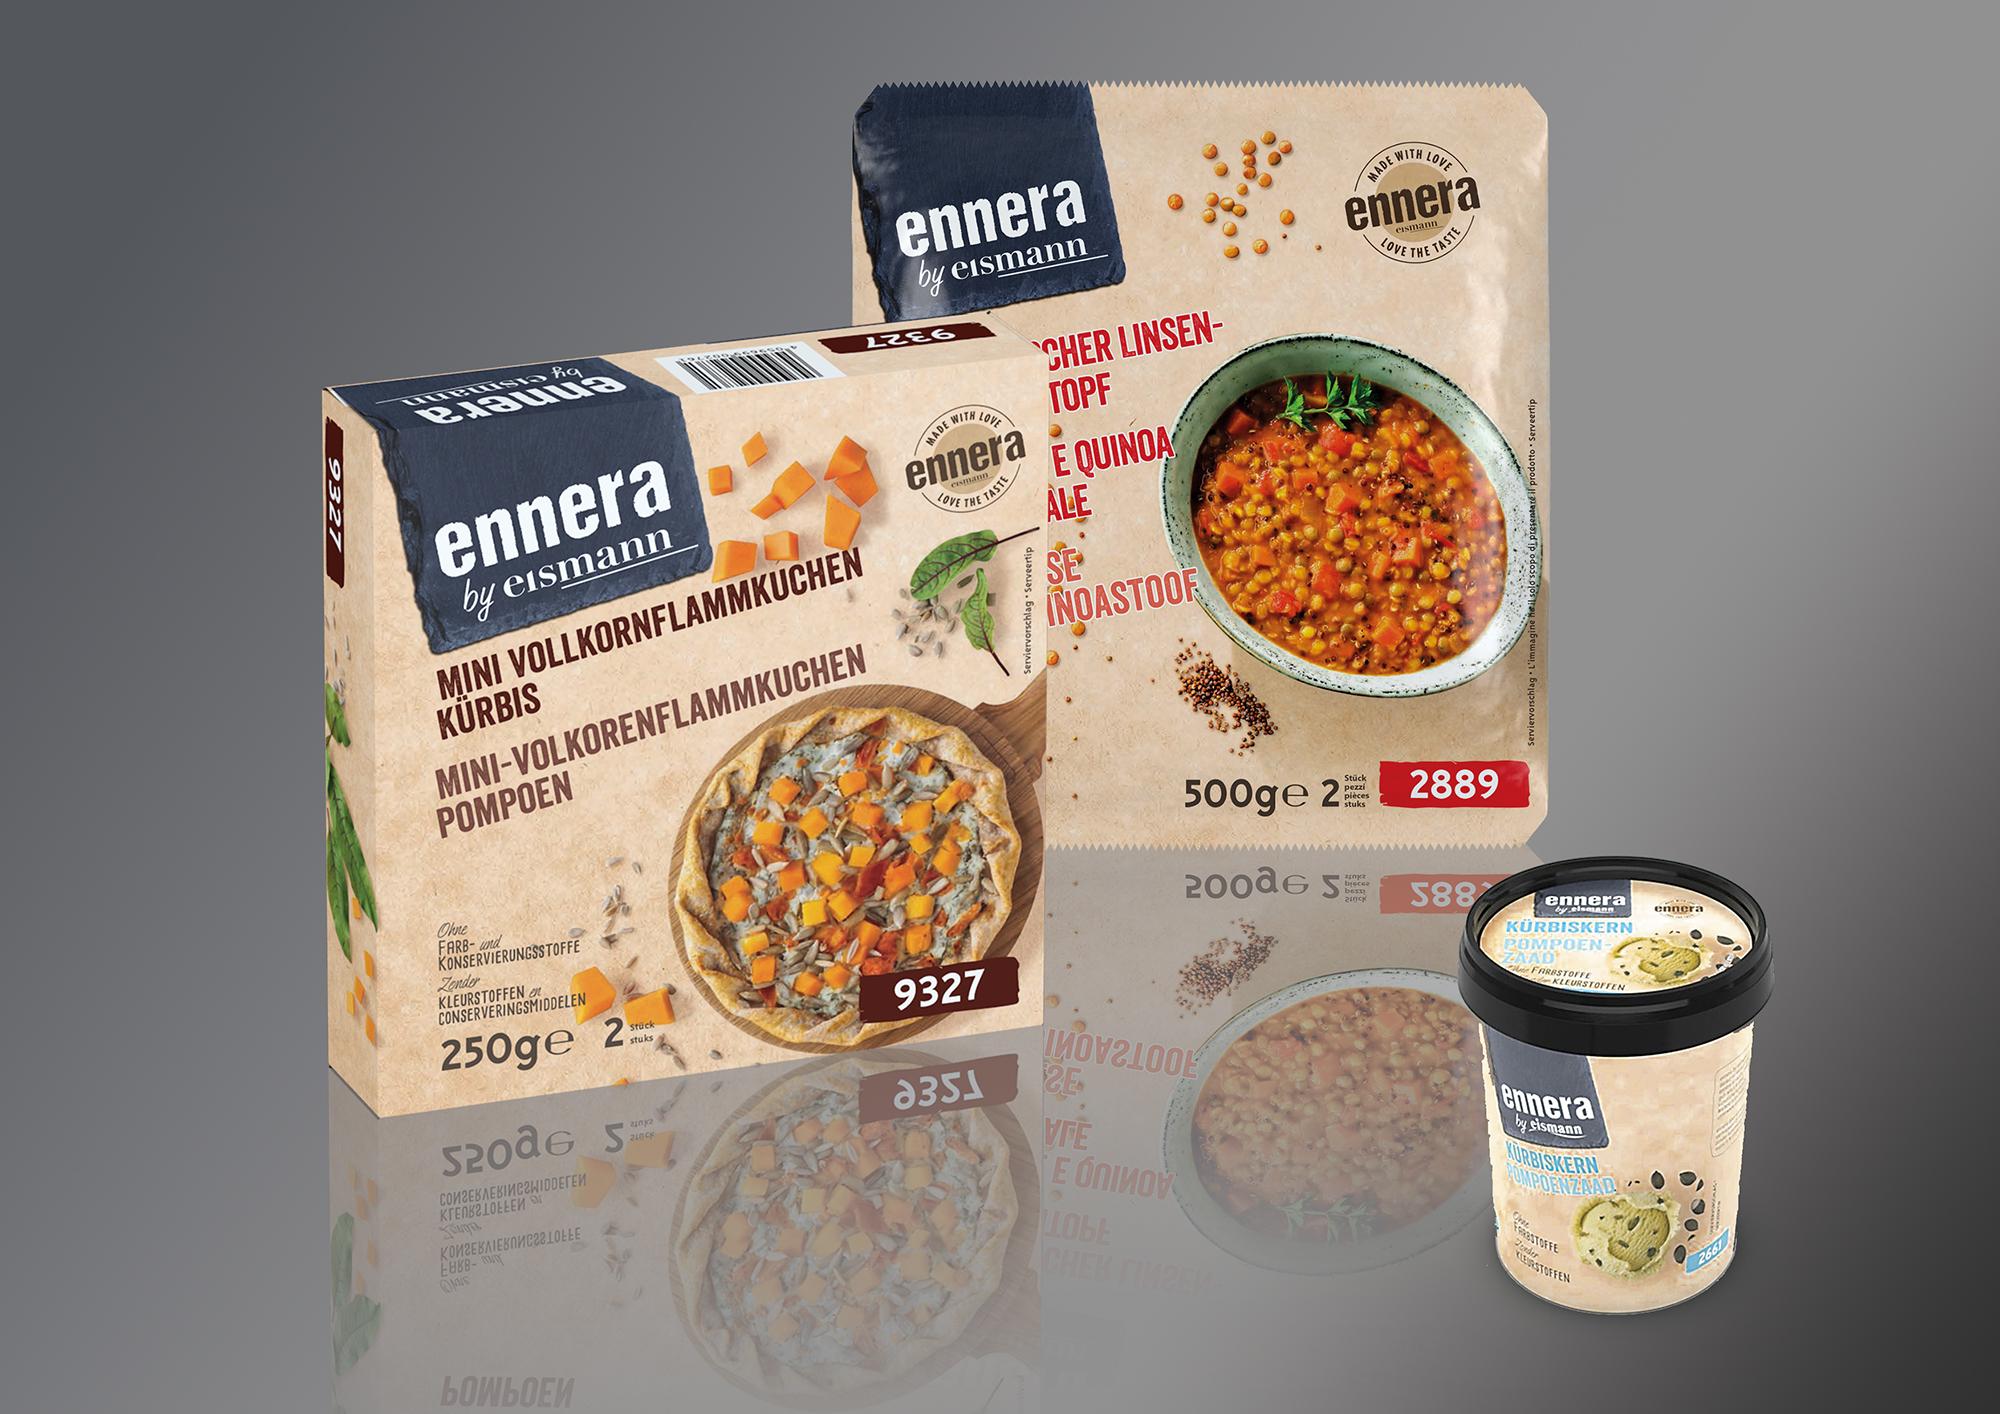 PU Einblick Verpackungen eis 4 1 - Werbeagentur